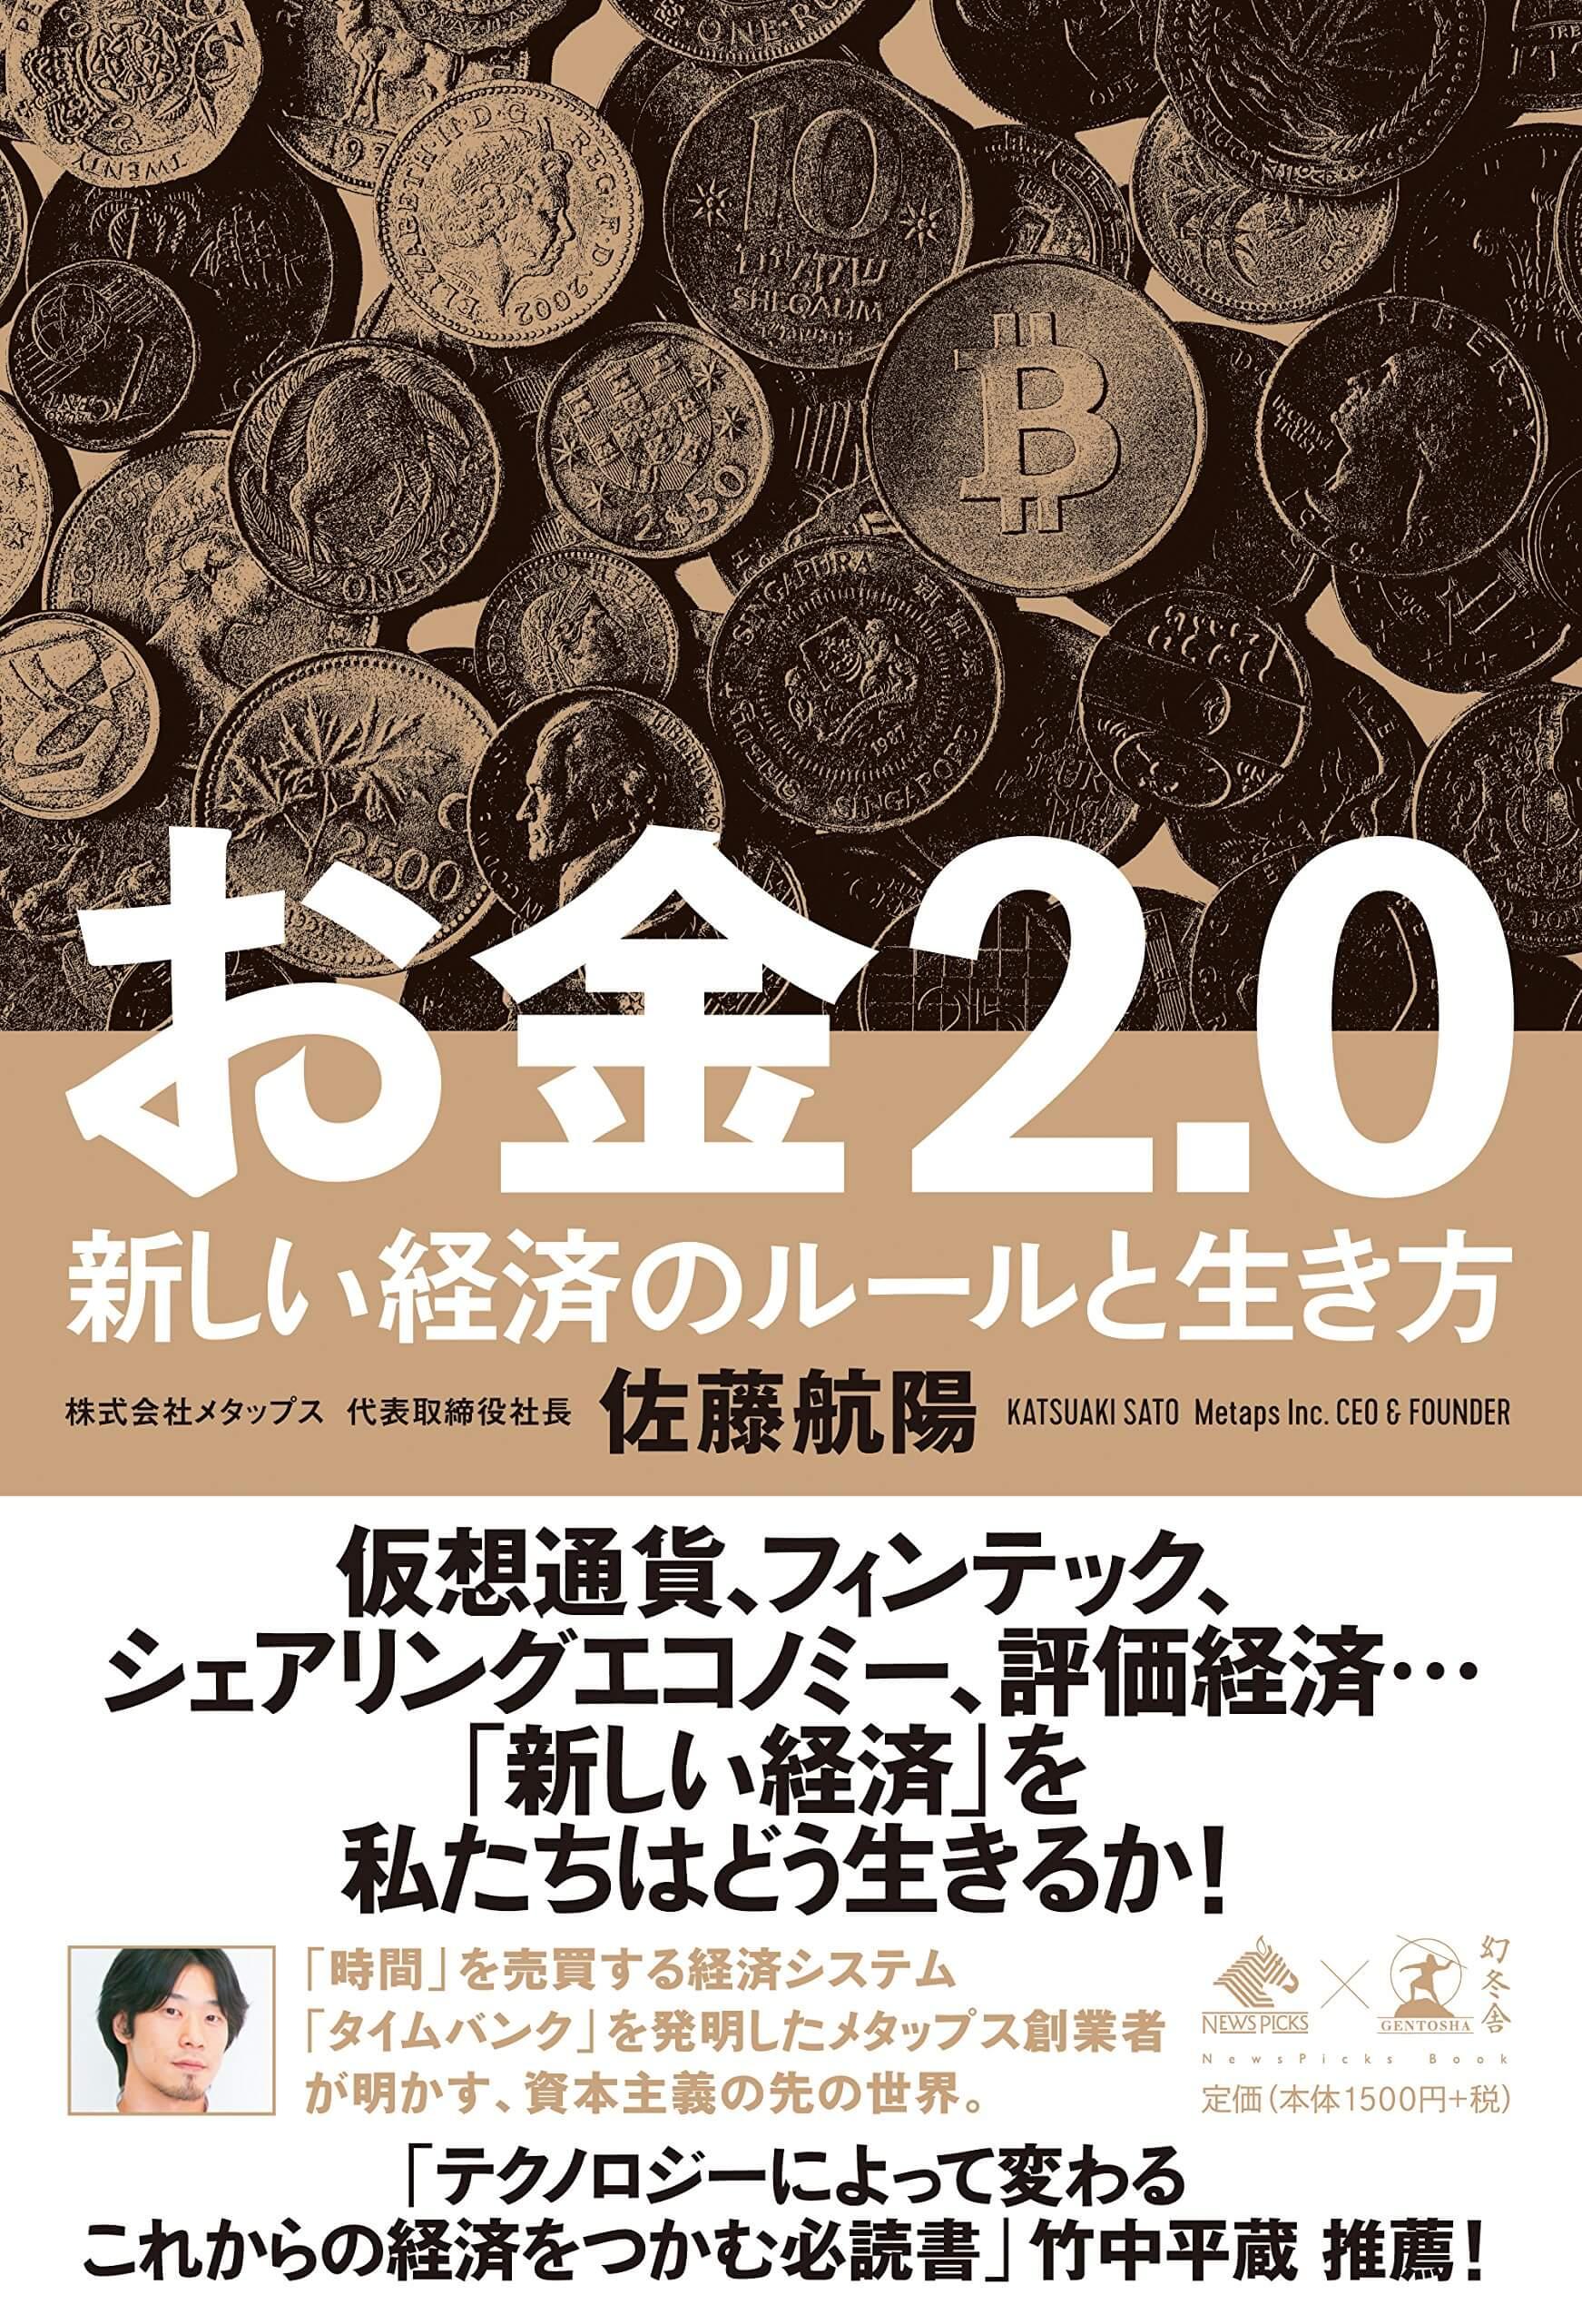 【終了】2018年2月の読書会『お金2.0 - 新しい経済のルールと生き方 』佐藤 航陽